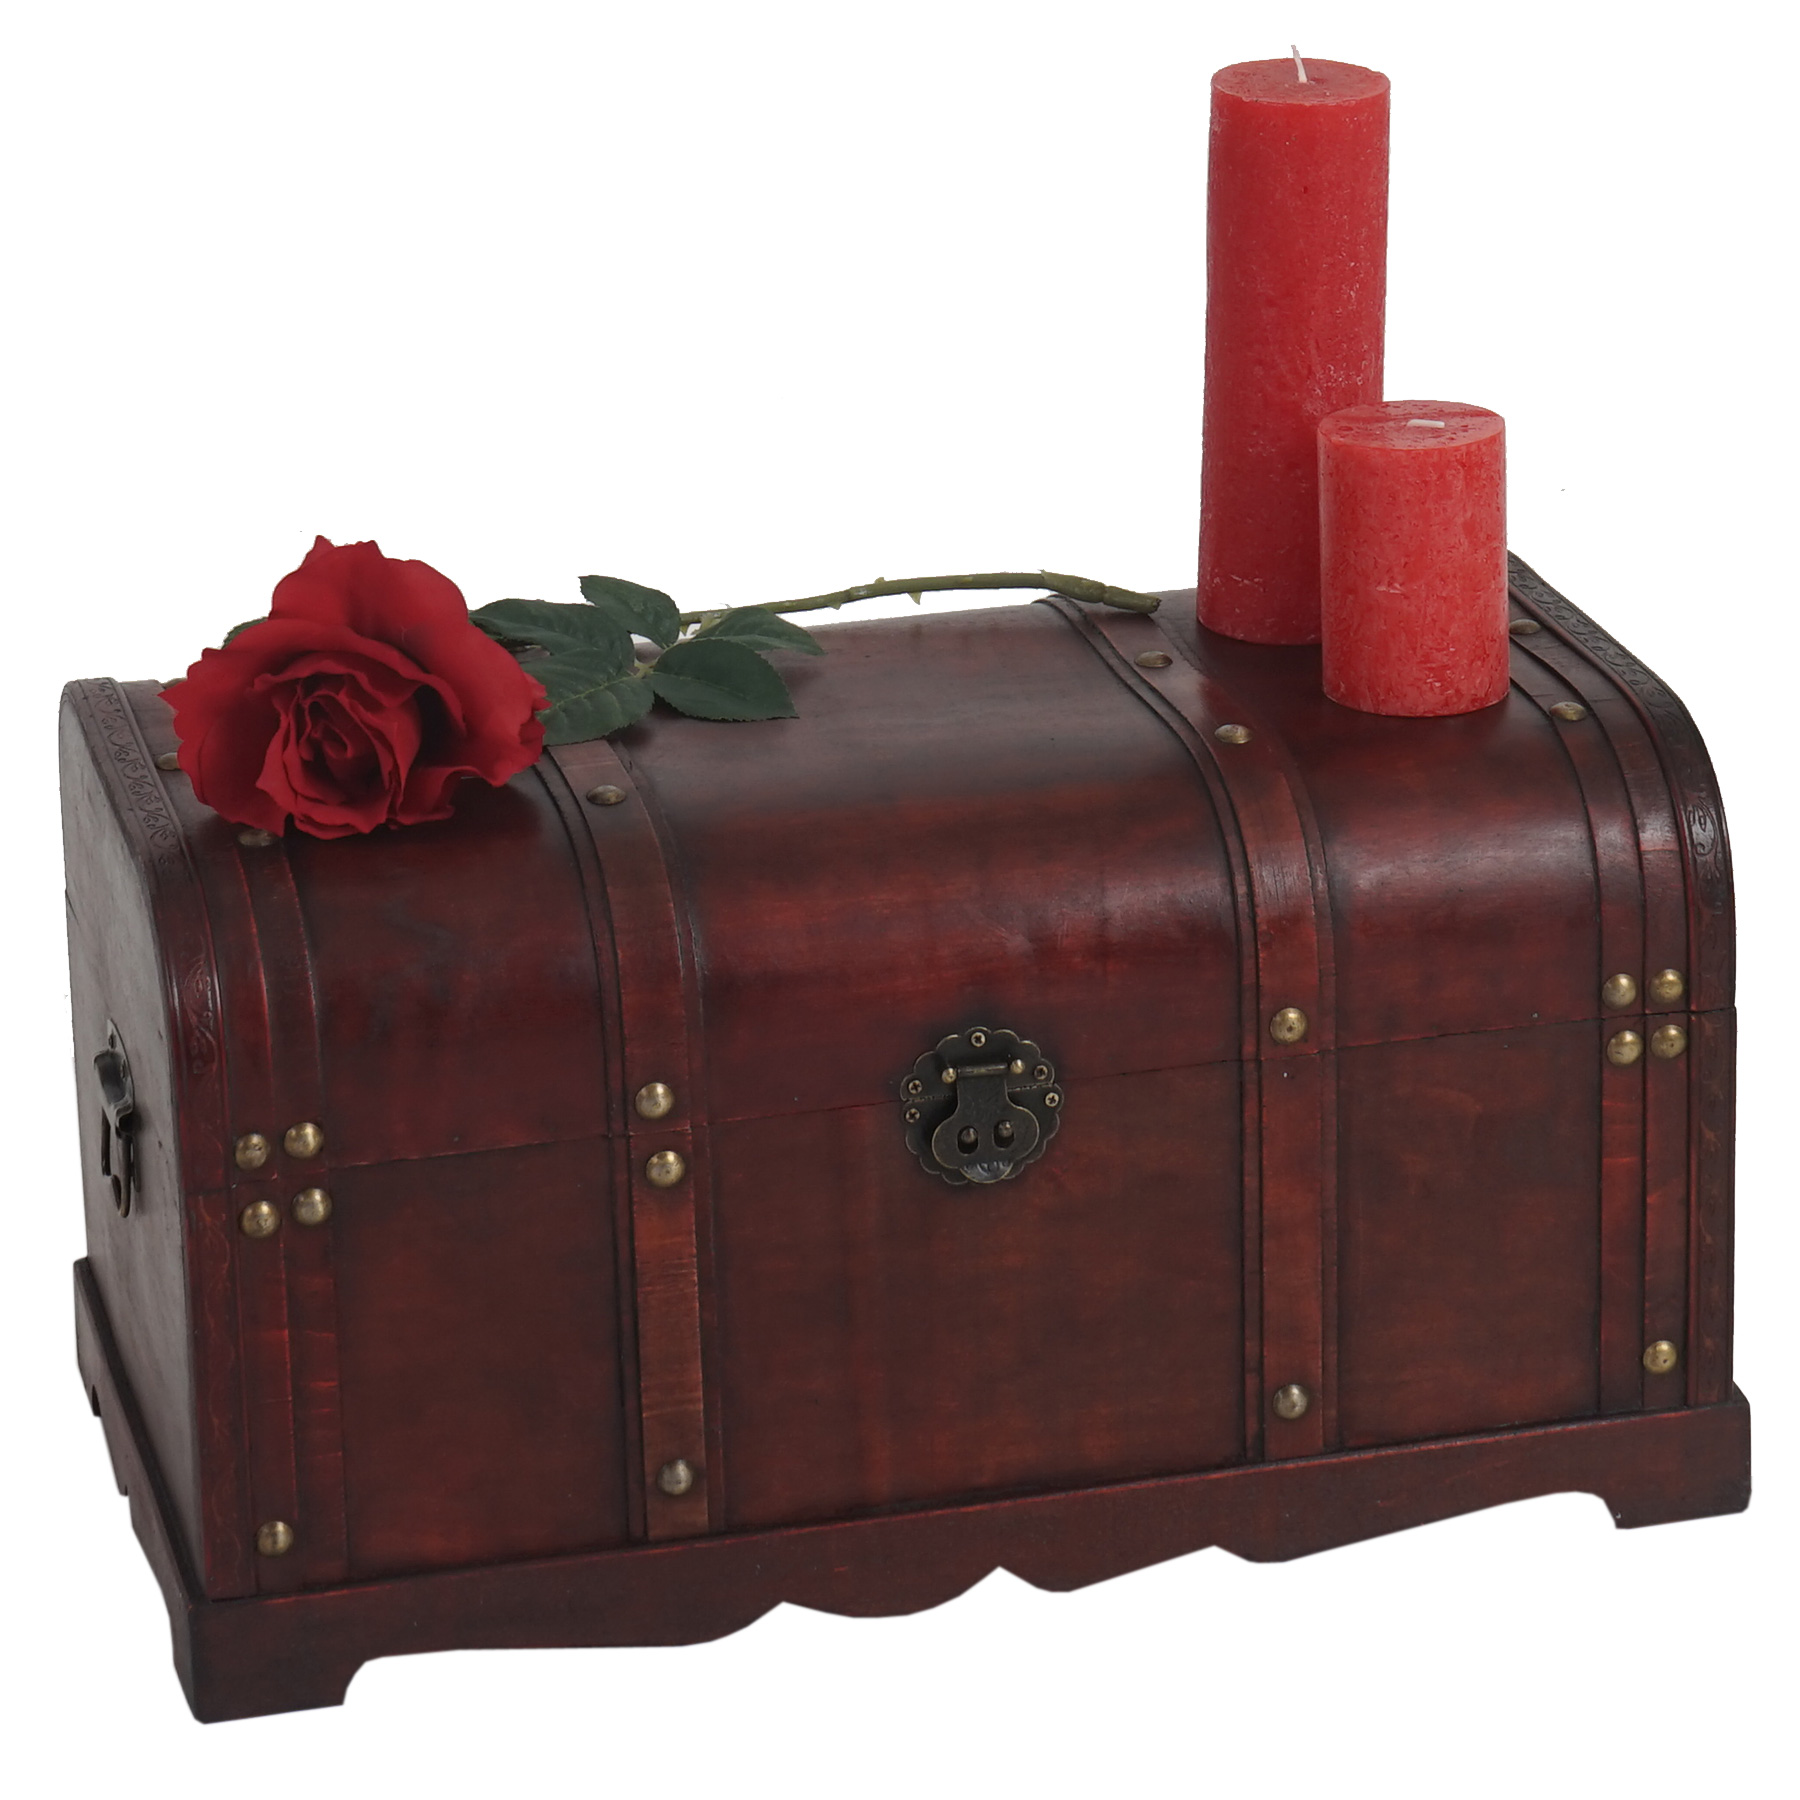 Mendler Holztruhe Holzbox Schatztruhe Valence Antikoptik 30x57x29cm ~ Variantenangebot 34227